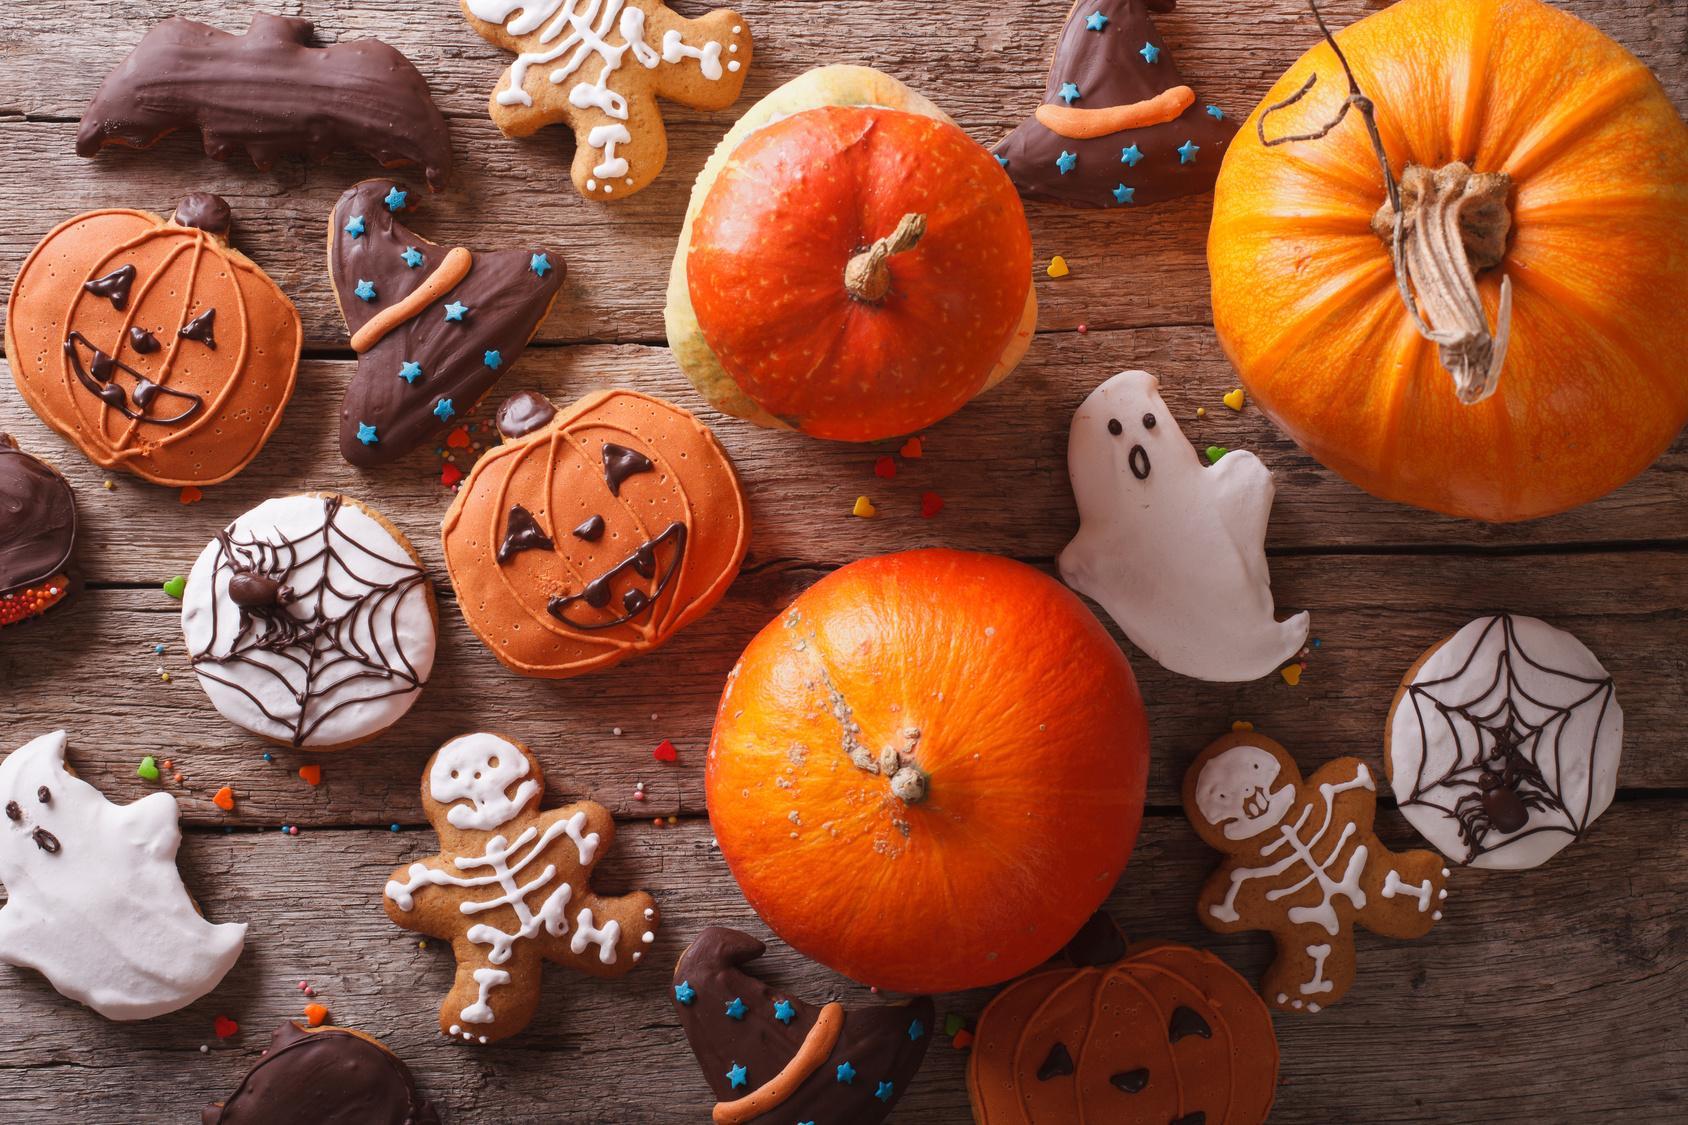 Dolci Halloween.Dolci Di Halloween 5 Idee Simpatiche Per La Notte Piu Paurosa Dell Anno